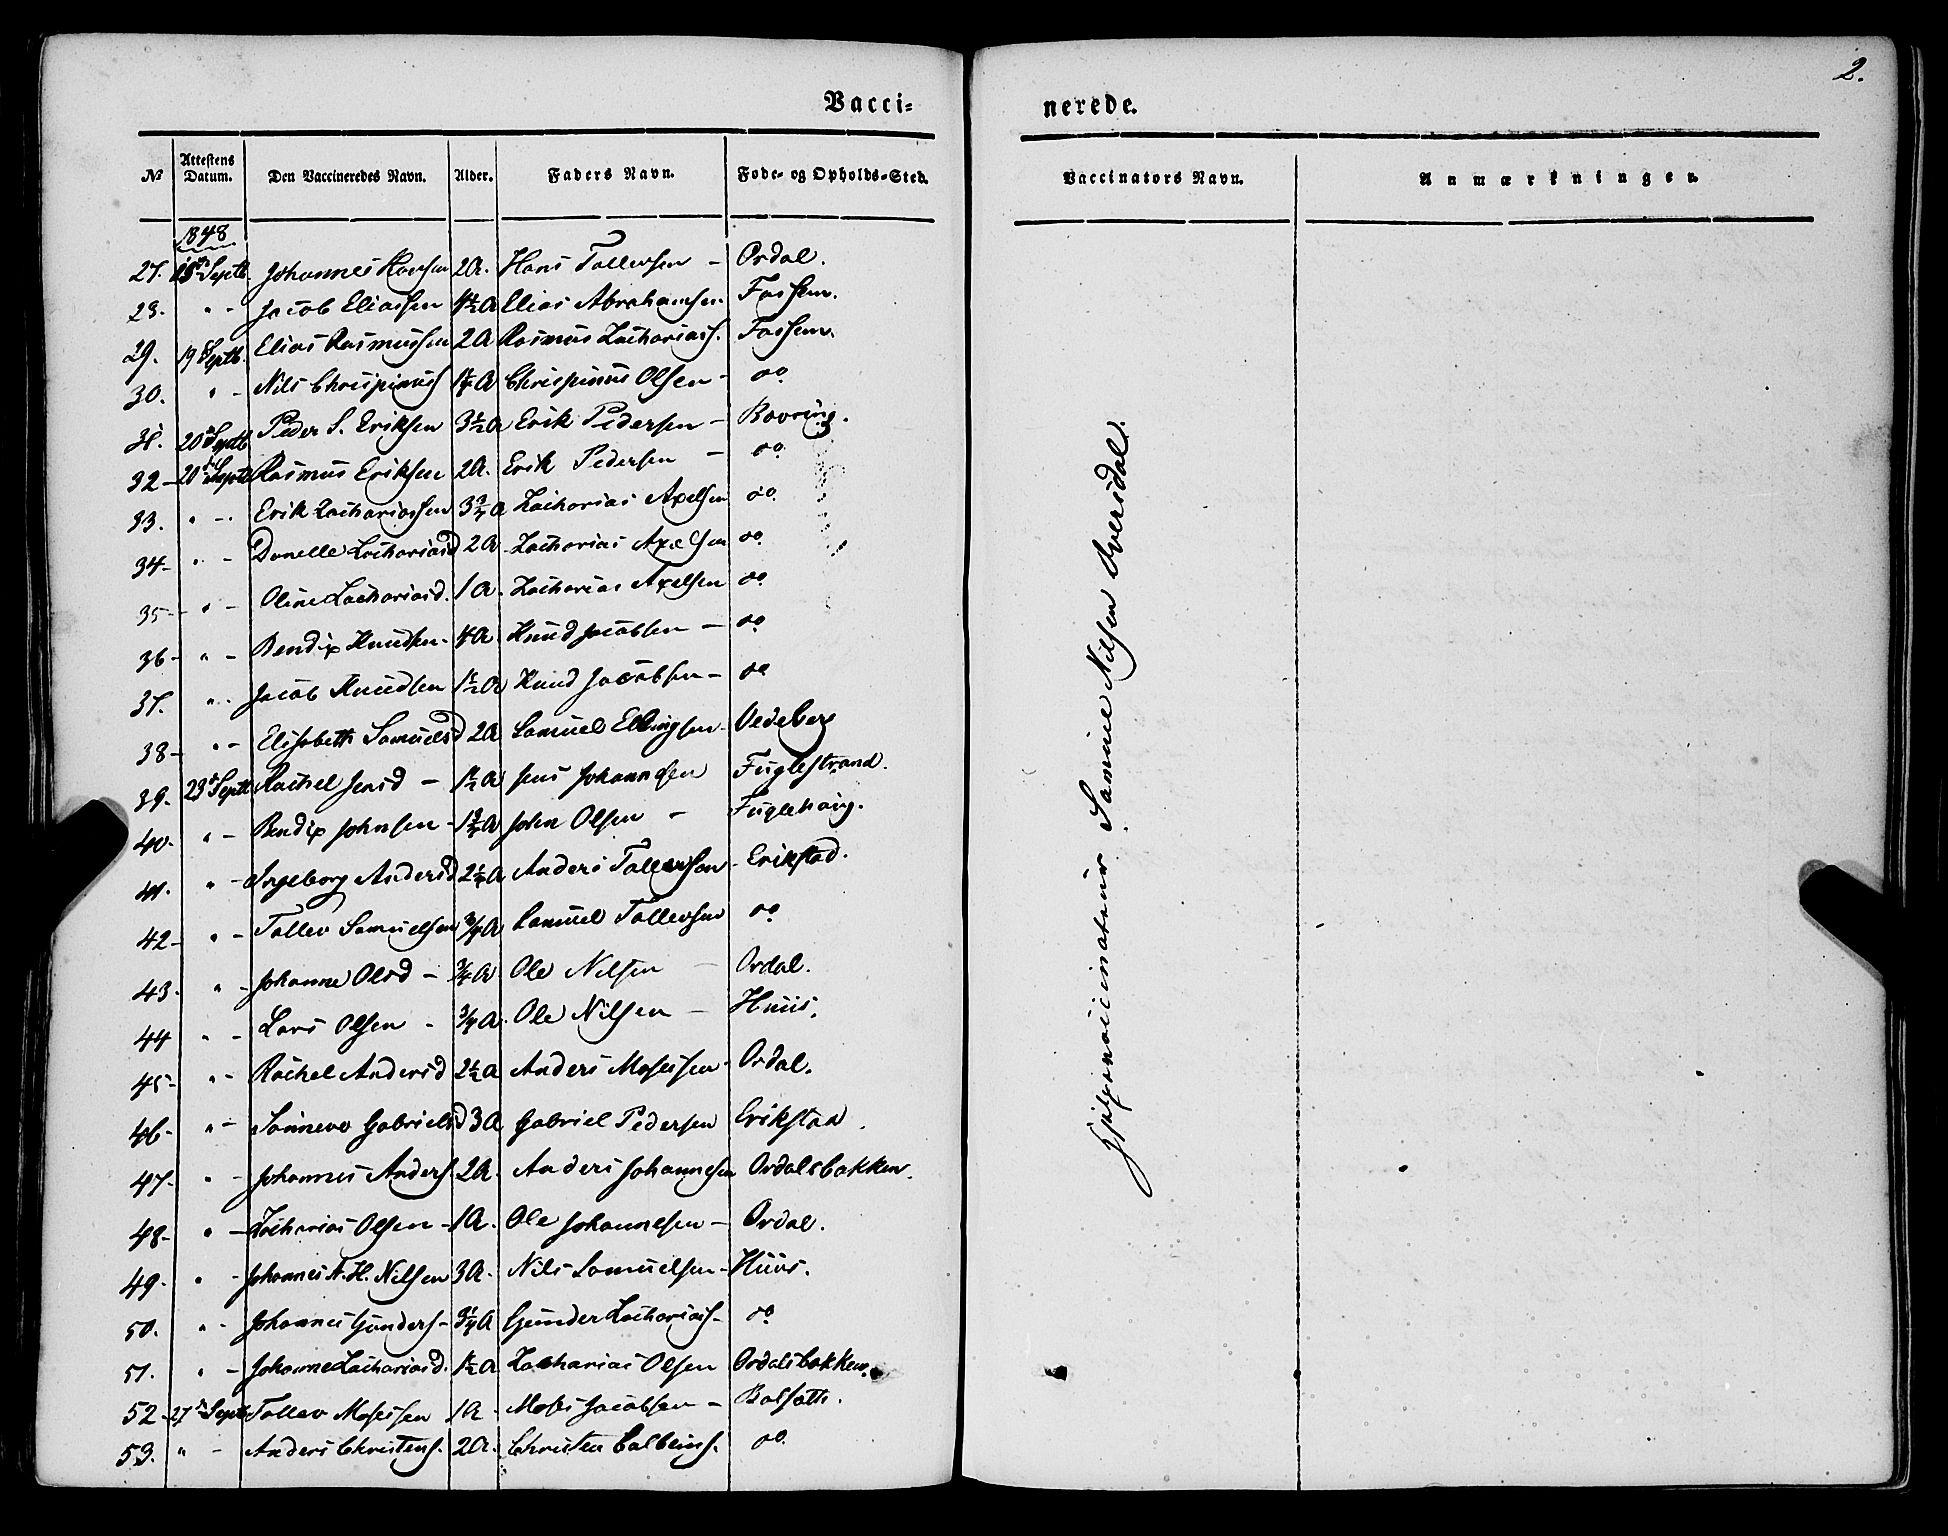 SAB, Jølster Sokneprestembete, H/Haa/Haaa/L0010: Ministerialbok nr. A 10, 1847-1865, s. 2